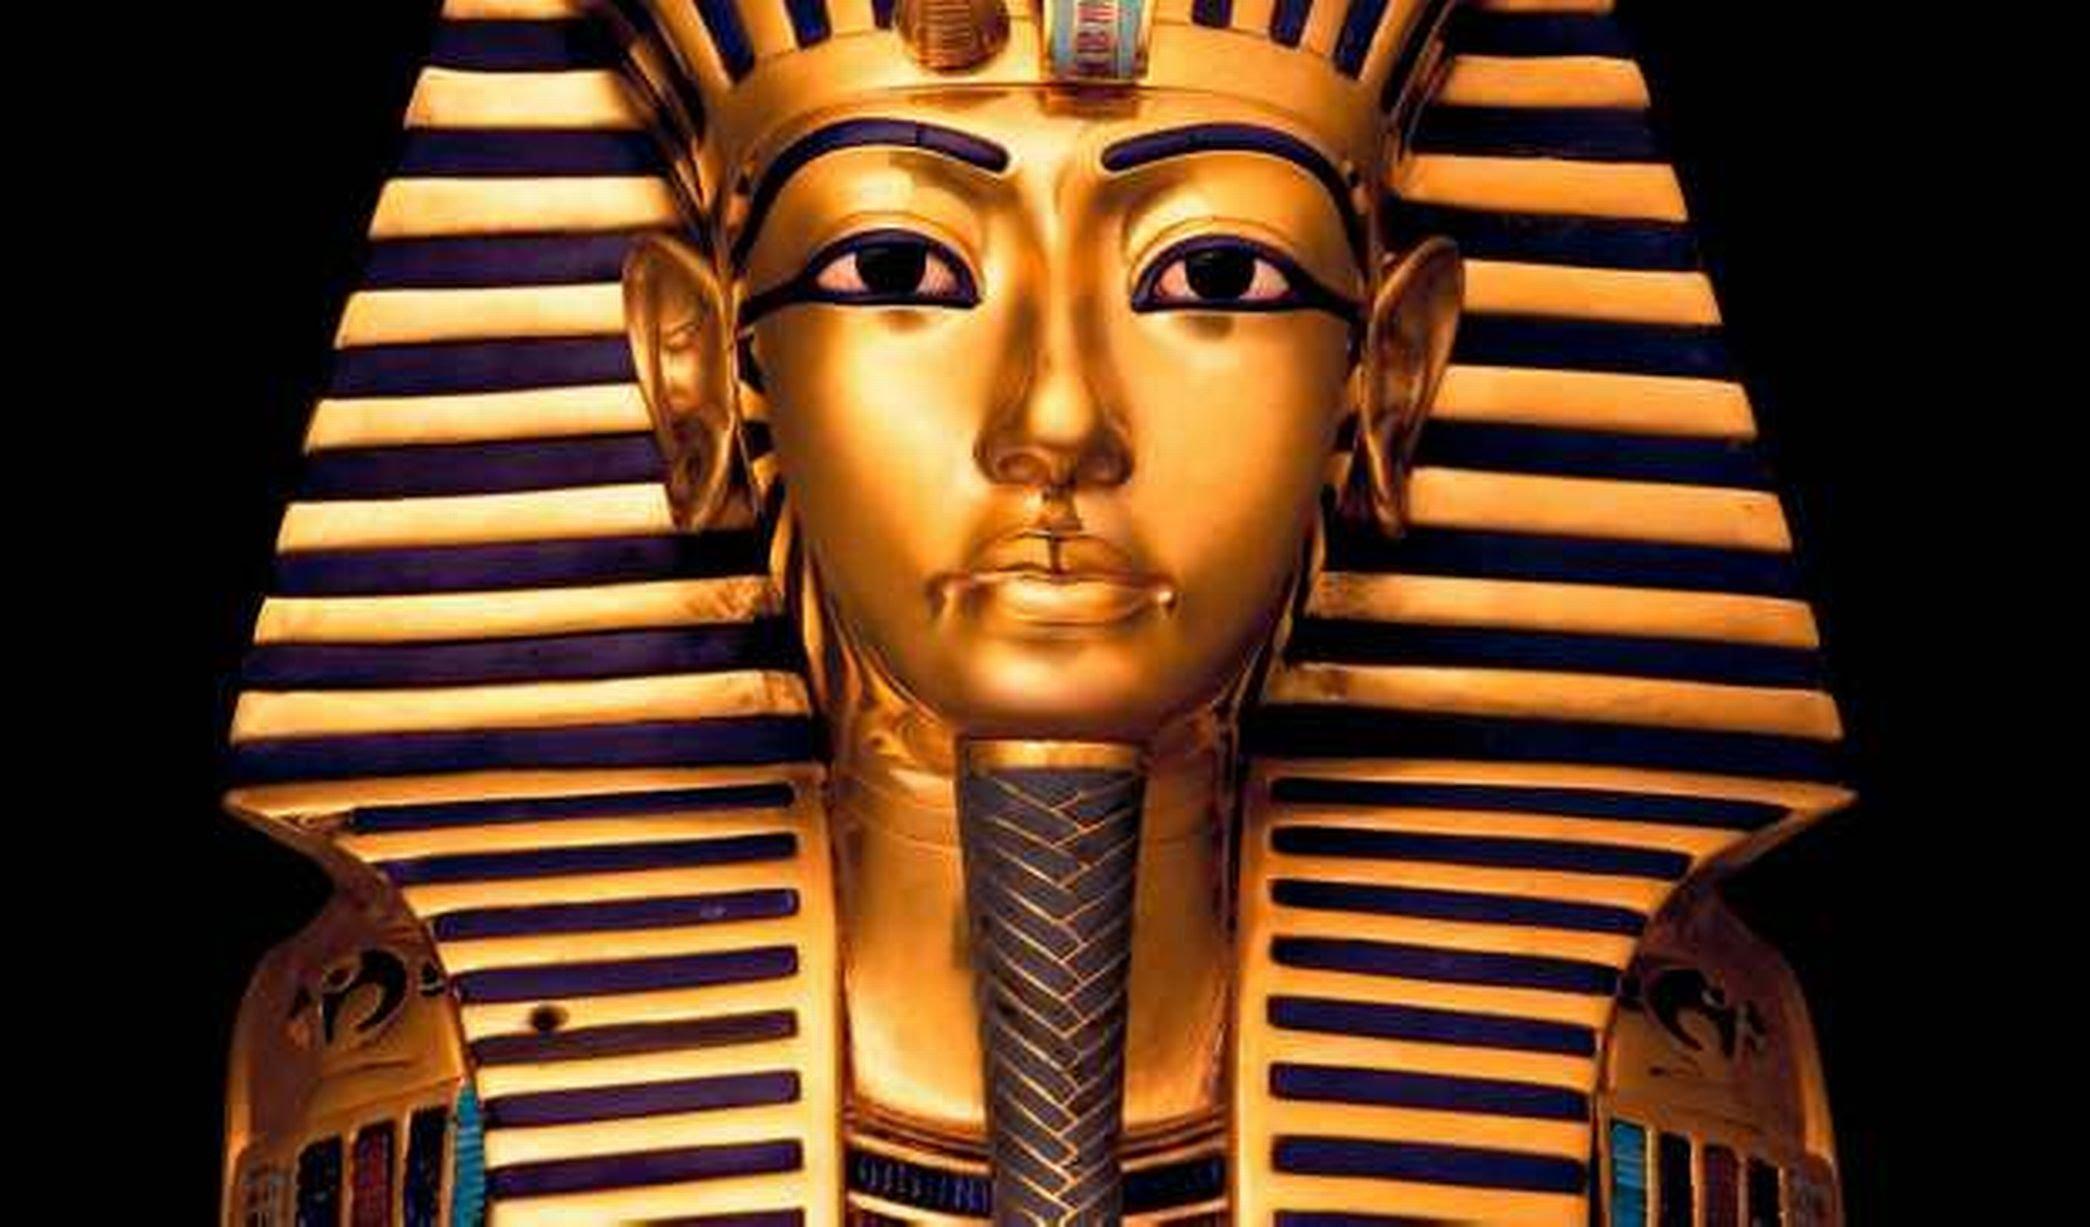 Máscara funeraria del faraón Tutankamón, exhibida en el Museo de Antigüedades Egipcias, de El Cairo.